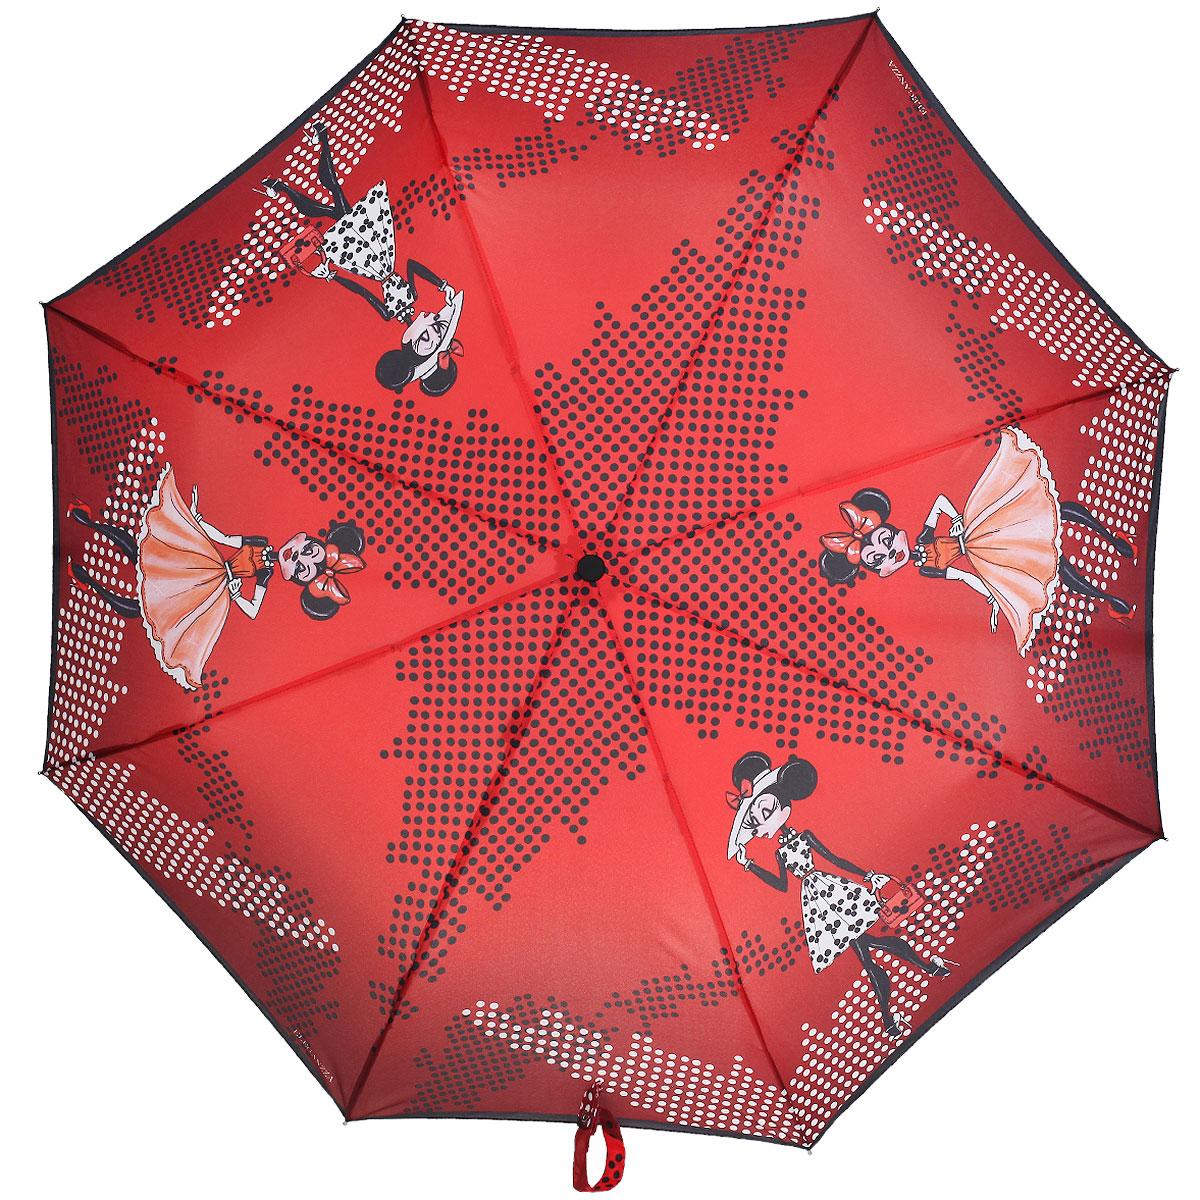 Зонт женский Eleganzza, автомат, 3 сложения, цвет: красный, белый. A3-05-0283SA3-05-0283SСтильный автоматический зонт Eleganzza в 3 сложения даже в ненастную погоду позволит вам оставаться элегантной. Каркас зонта выполнен из 8 спиц из фибергласса и алюминия, стержень изготовлен из стали, удобная рукоятка - из пластика. Купол зонта выполнен из прочного полиэстера и эпонжа с водоотталкивающей пропиткой. В закрытом виде застегивается хлястиком на кнопке. В этом сезоне актуальны ироничные принты. Эмоциональное, яркое и популярное направление поп-арт придаст вашему образу игривости. Обладая аксессуаром в таком стиле, Вы не останетесь не замеченной в городской толпе. Зонт имеет полный автоматический механизм сложения: купол открывается и закрывается нажатием кнопки на рукоятке, стержень складывается вручную до характерного щелчка, благодаря чему открыть и закрыть зонт можно одной рукой, что чрезвычайно удобно при входе в транспорт или помещение. Каркас зонта оснащен системой Smart, которая не позволяет стержню при сложении вылететь обратно. Это облегчает сложение...